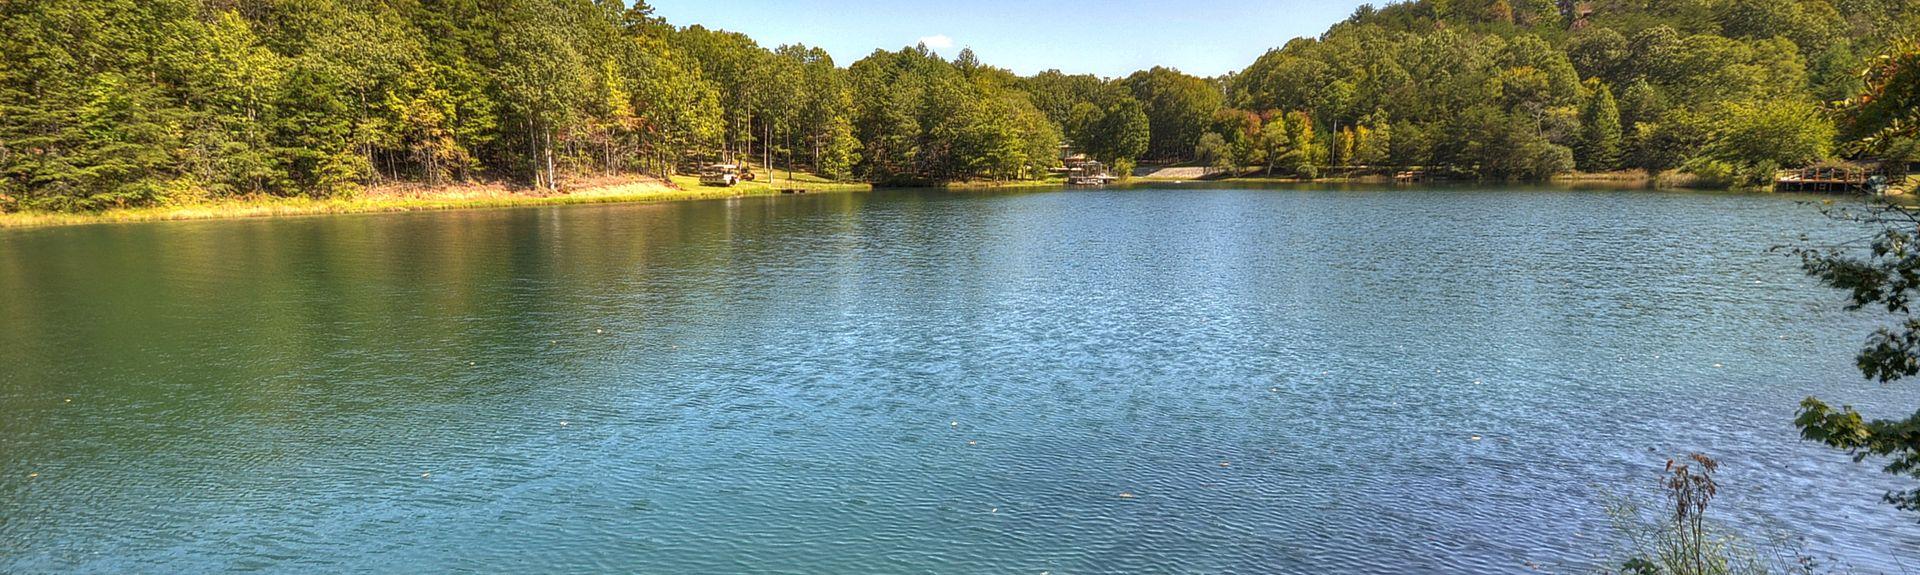 River Maze (parc de loisirs), Benton, Tennessee, États-Unis d'Amérique